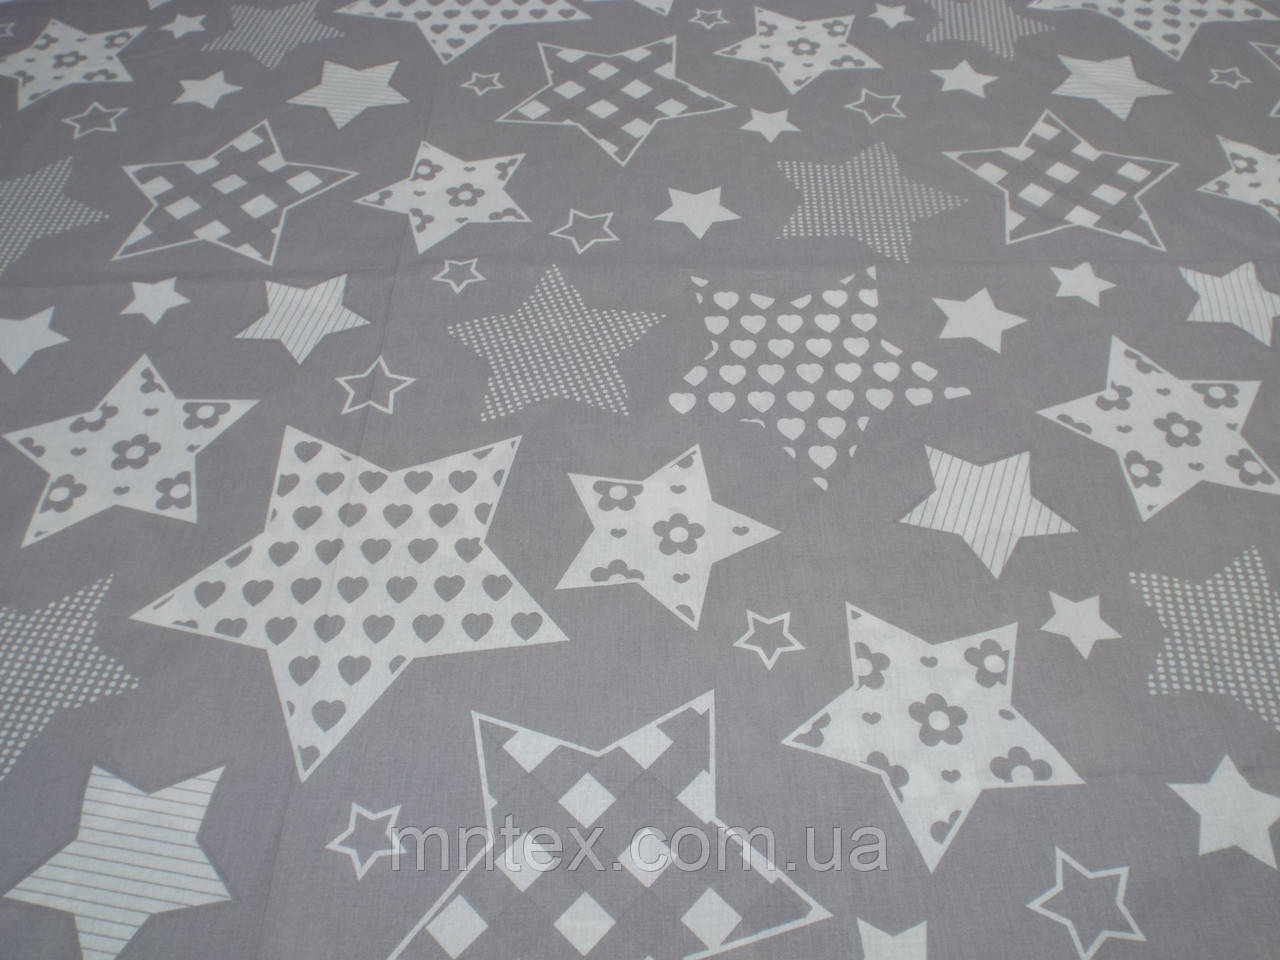 Ткань для пошива постельного белья бязь Белорусь ГОСТ Звездочки на сером